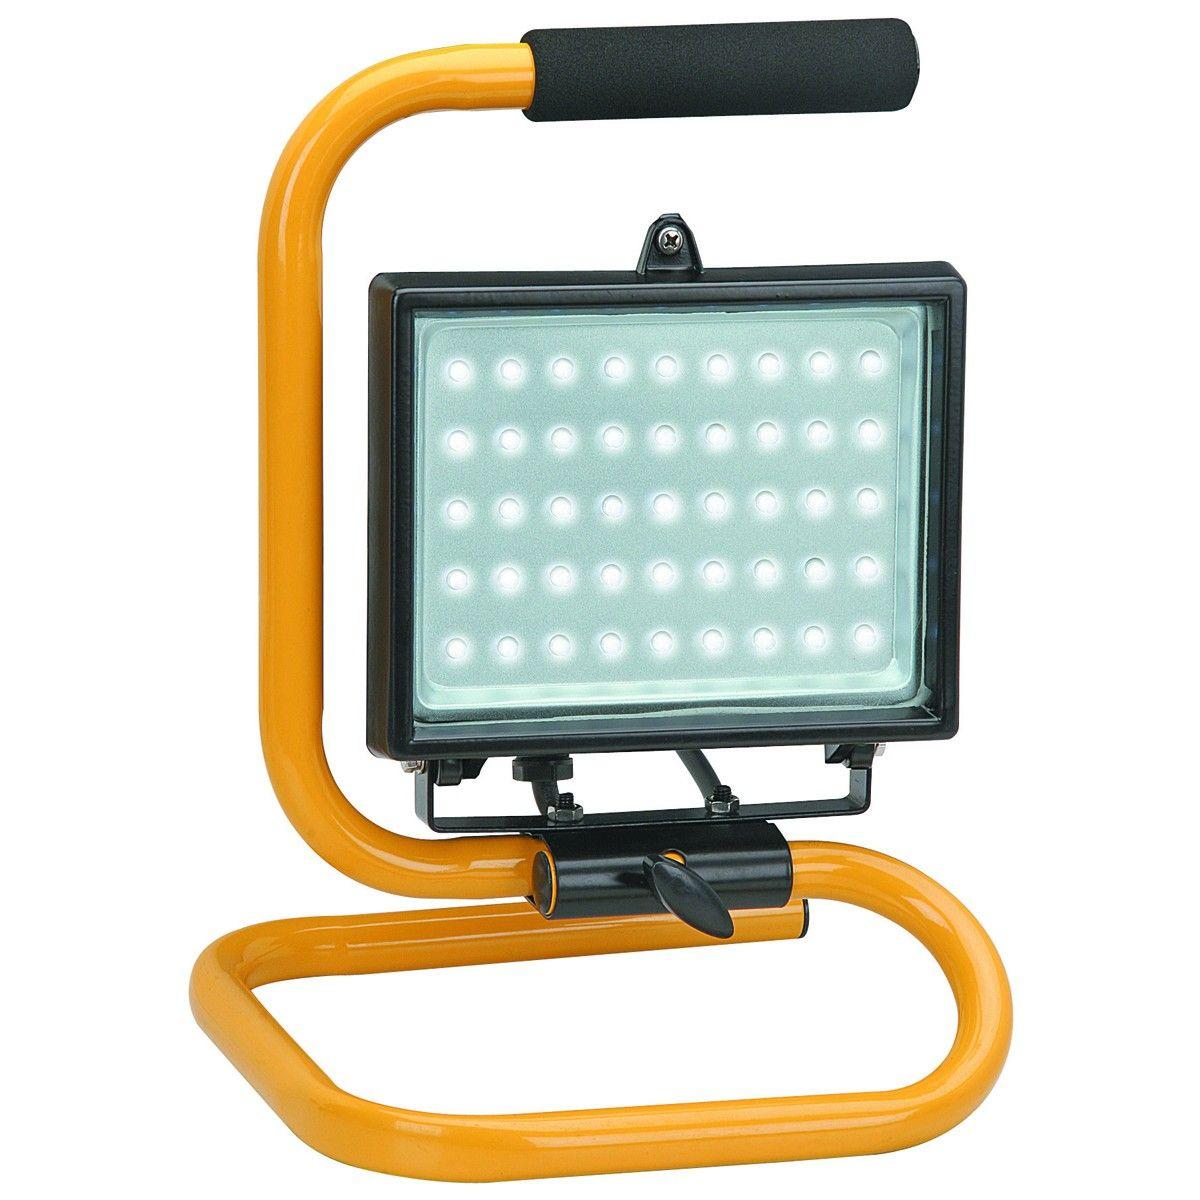 45 Bulb LED Work Light